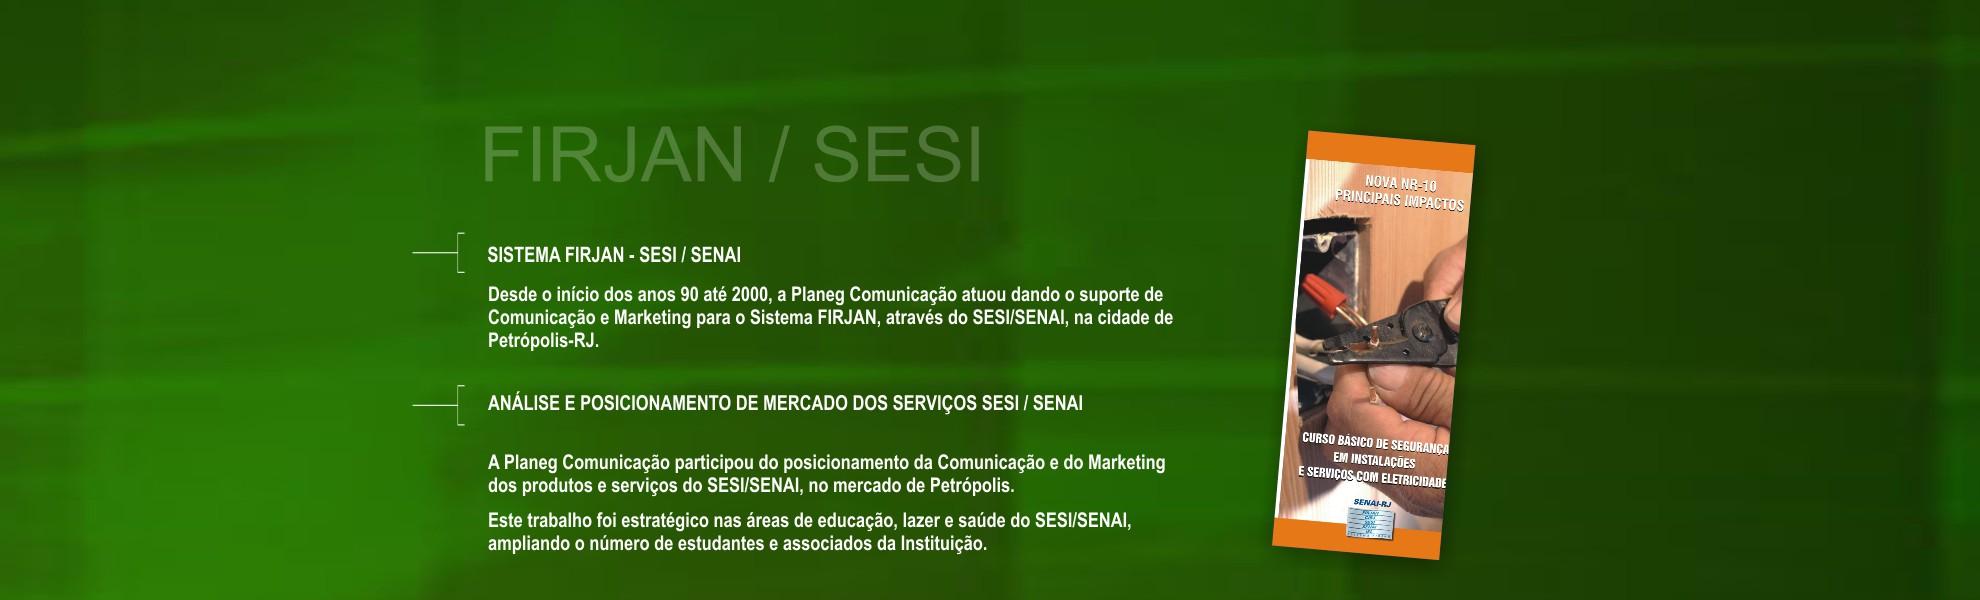 planeg-comunicacao_divulgacao-servicos-sistema-firjan